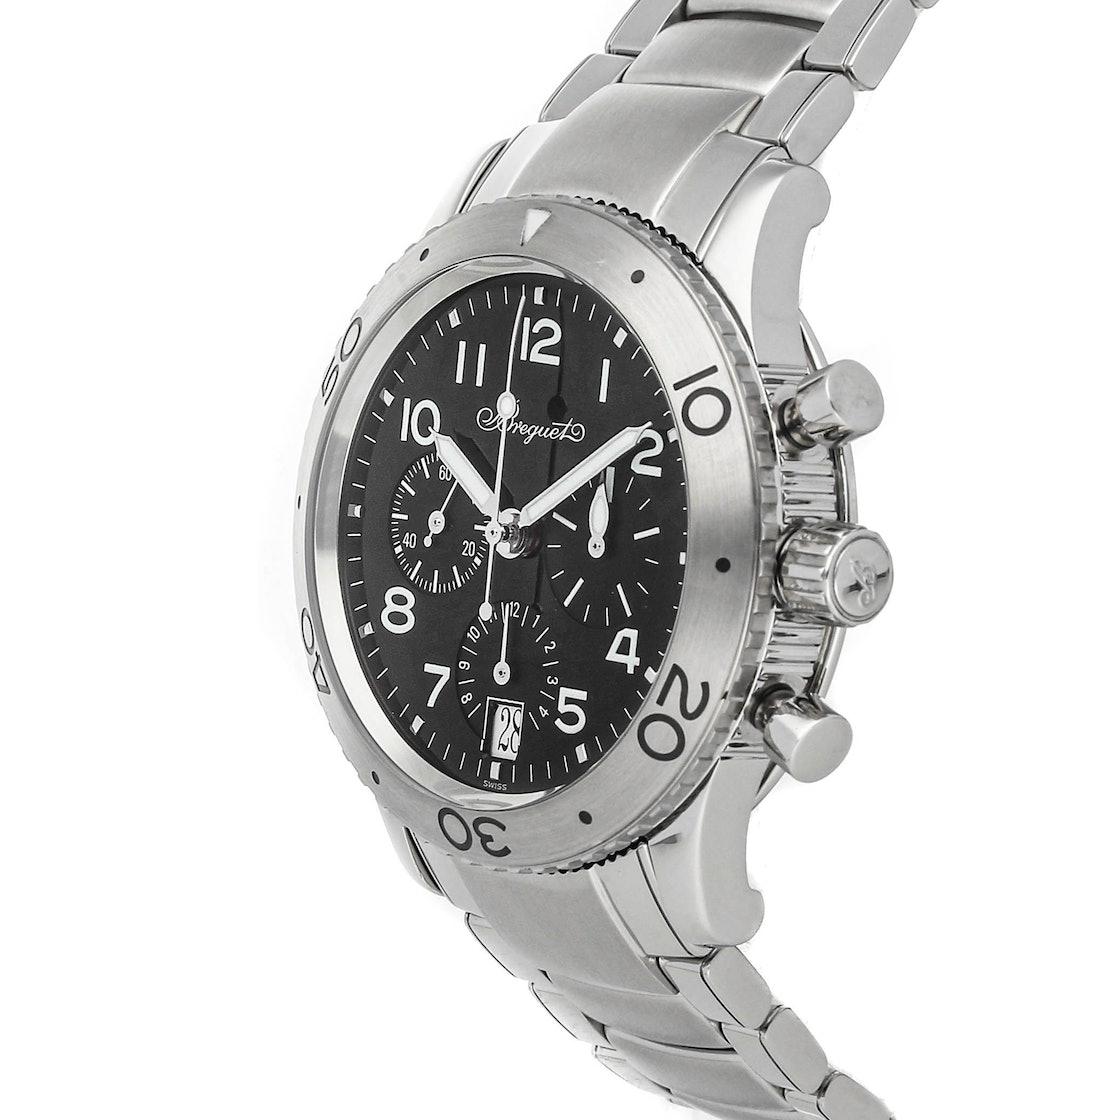 Breguet Type XX Transatlantique Chronograph 3820ST/H2/9W6